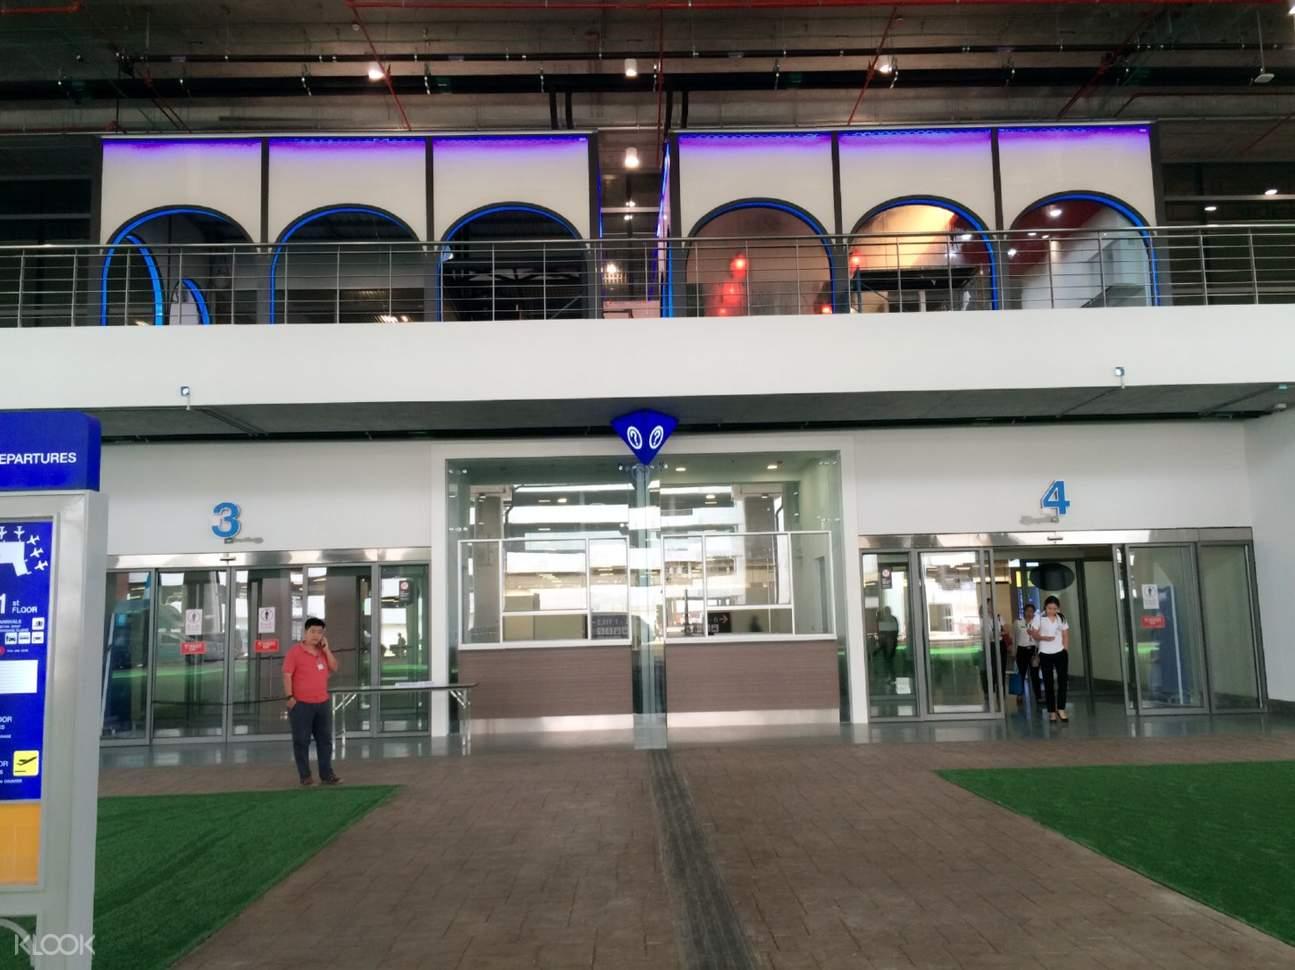 泰國普吉3G/4G上網卡(普吉國際機場領取)